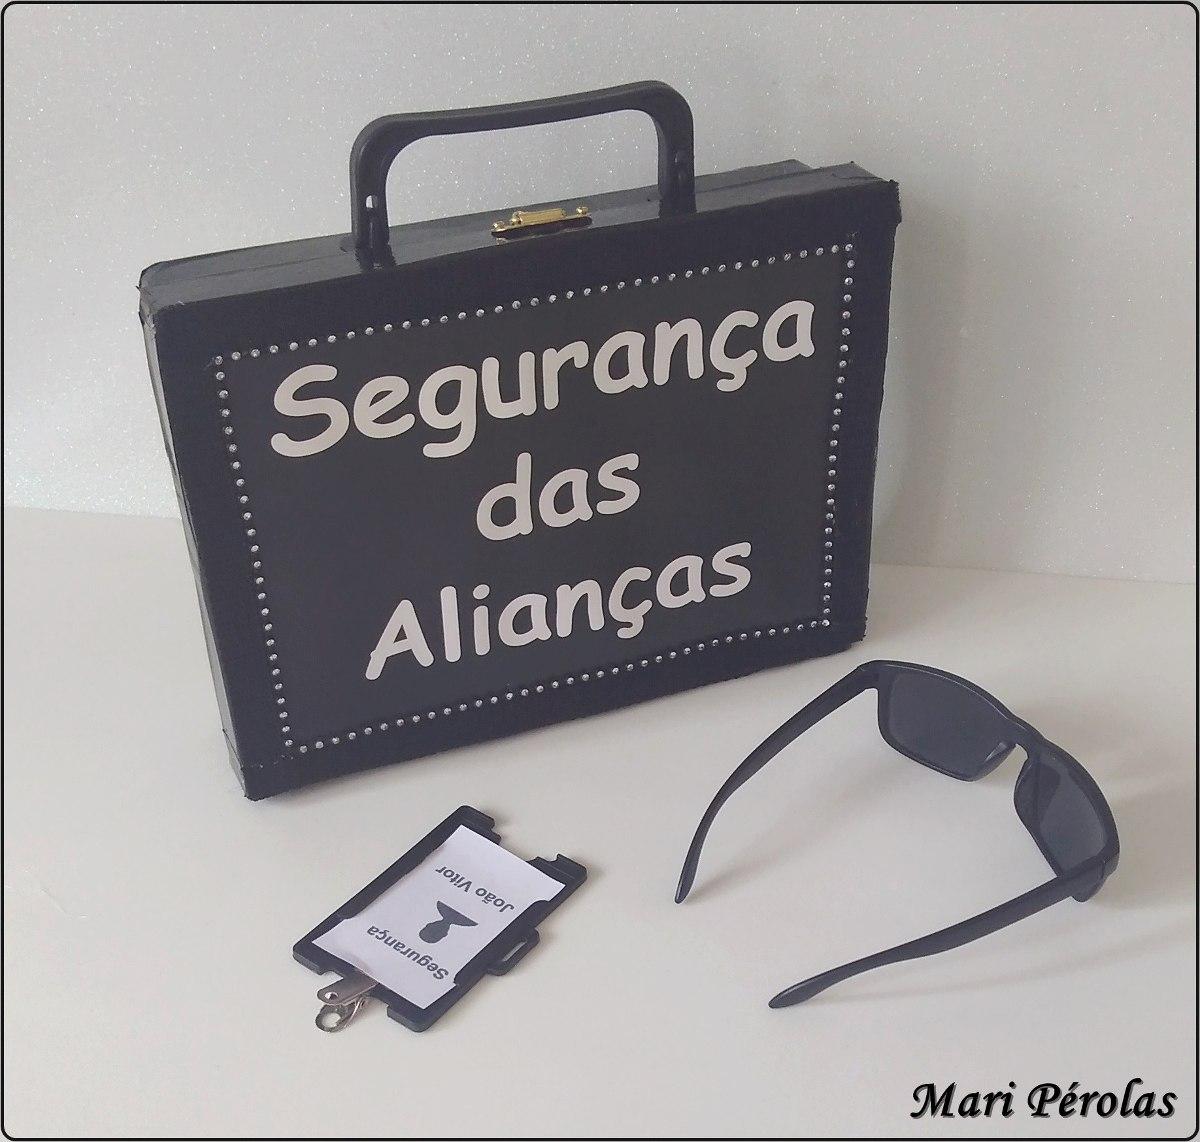 13c1db5829ba4 Maleta Segurança Das Alianças Para Pajens+ Óculos + Crachá - R  71 ...